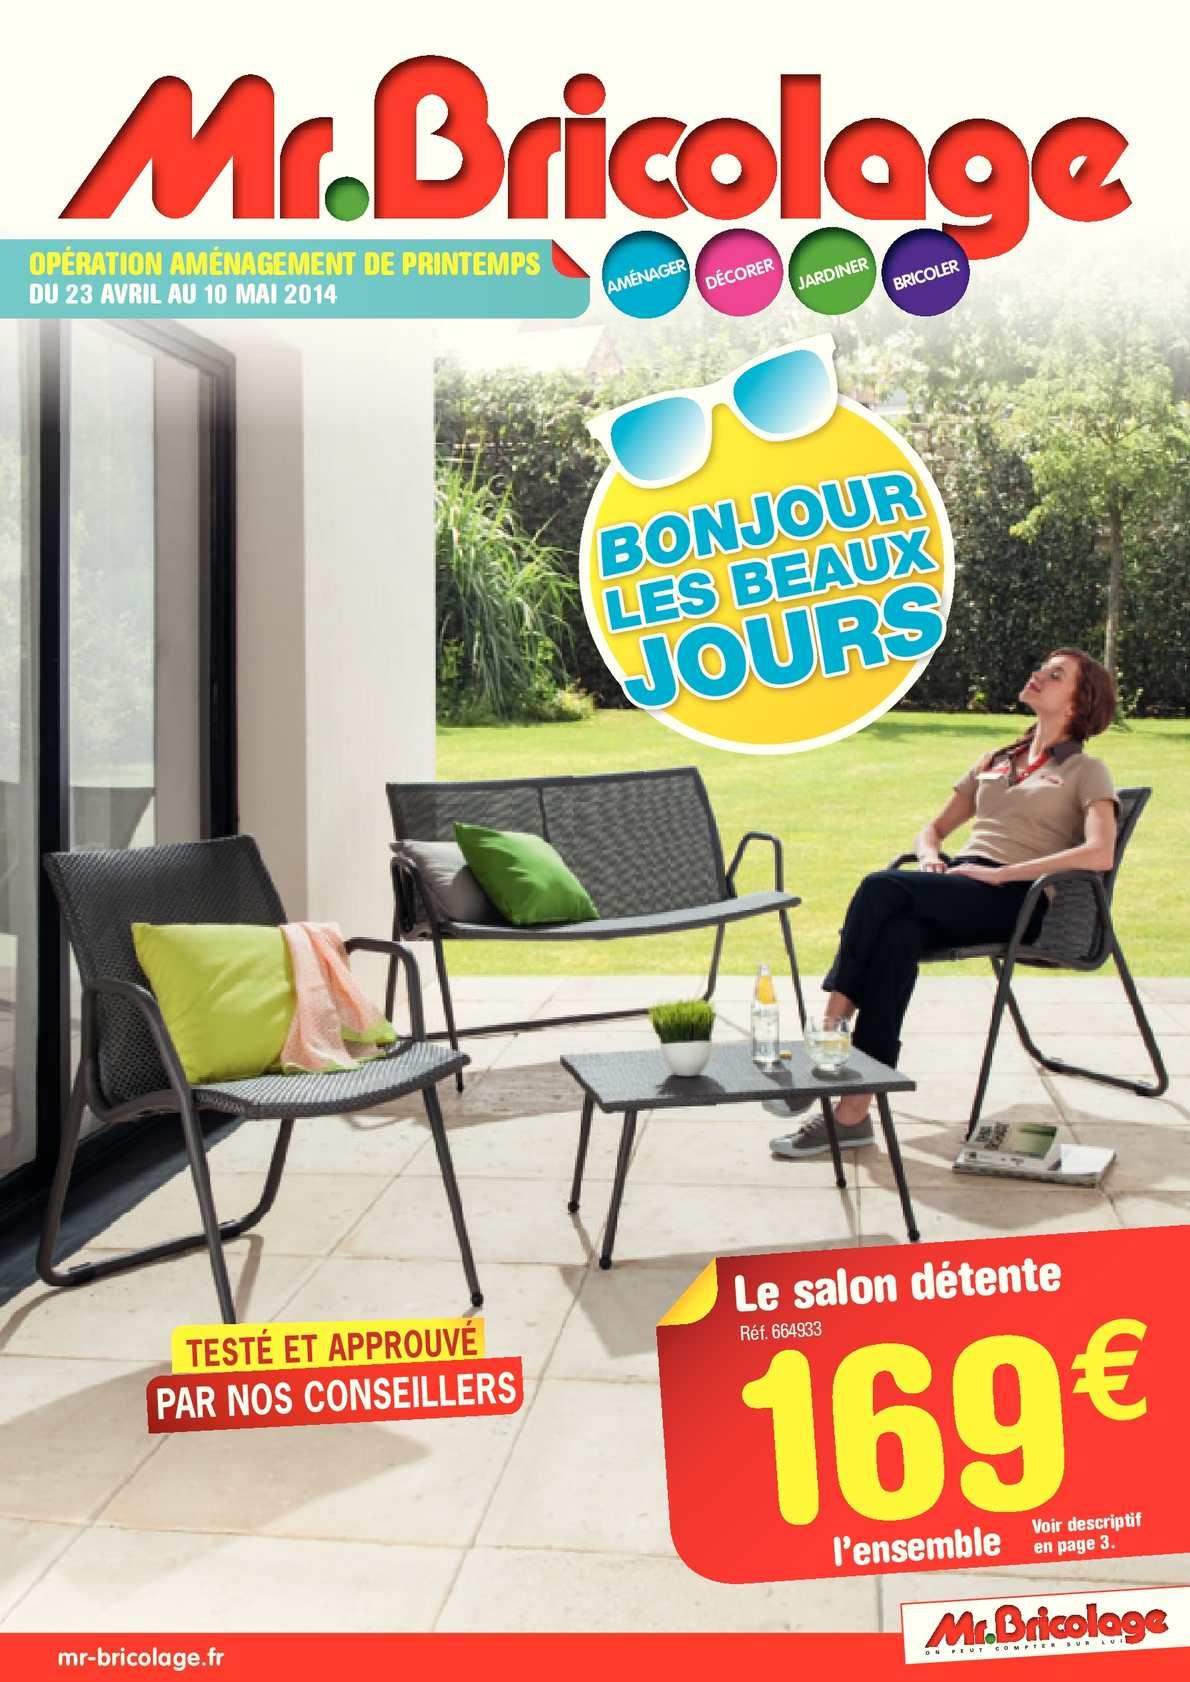 Calaméo - Mr.Bricolage - Catalogue aménagement extérieur - 24 pages 69320ea0564a